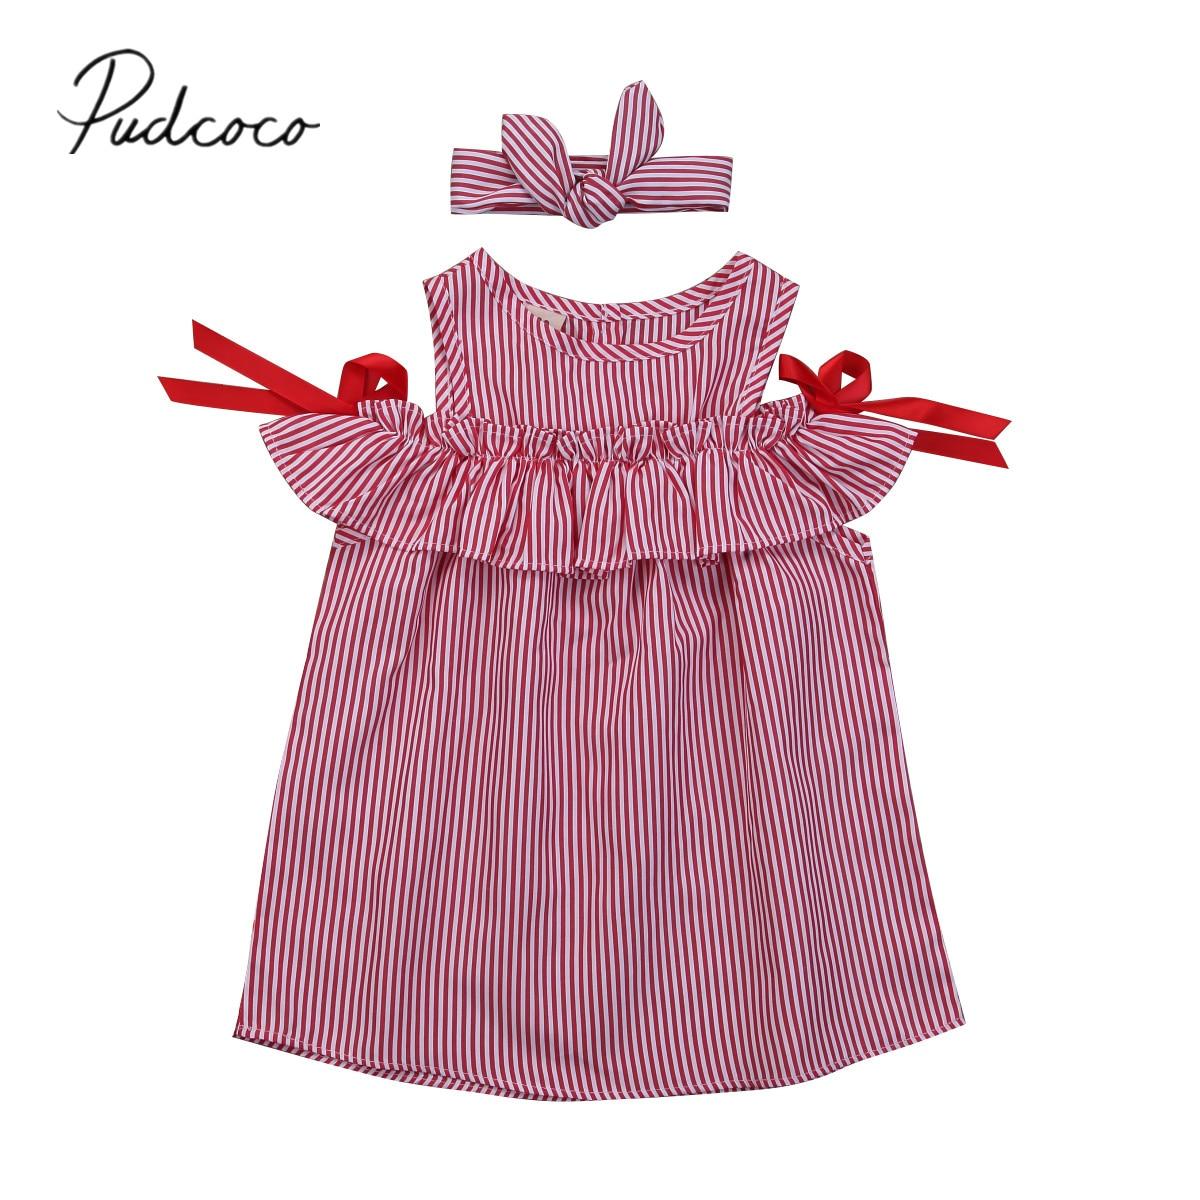 2018 Brand New Infant Toddler Child Kids Baby Girls Princess Stripe Off Shoulder Dress Clothes Outfits Set Summer Sundress